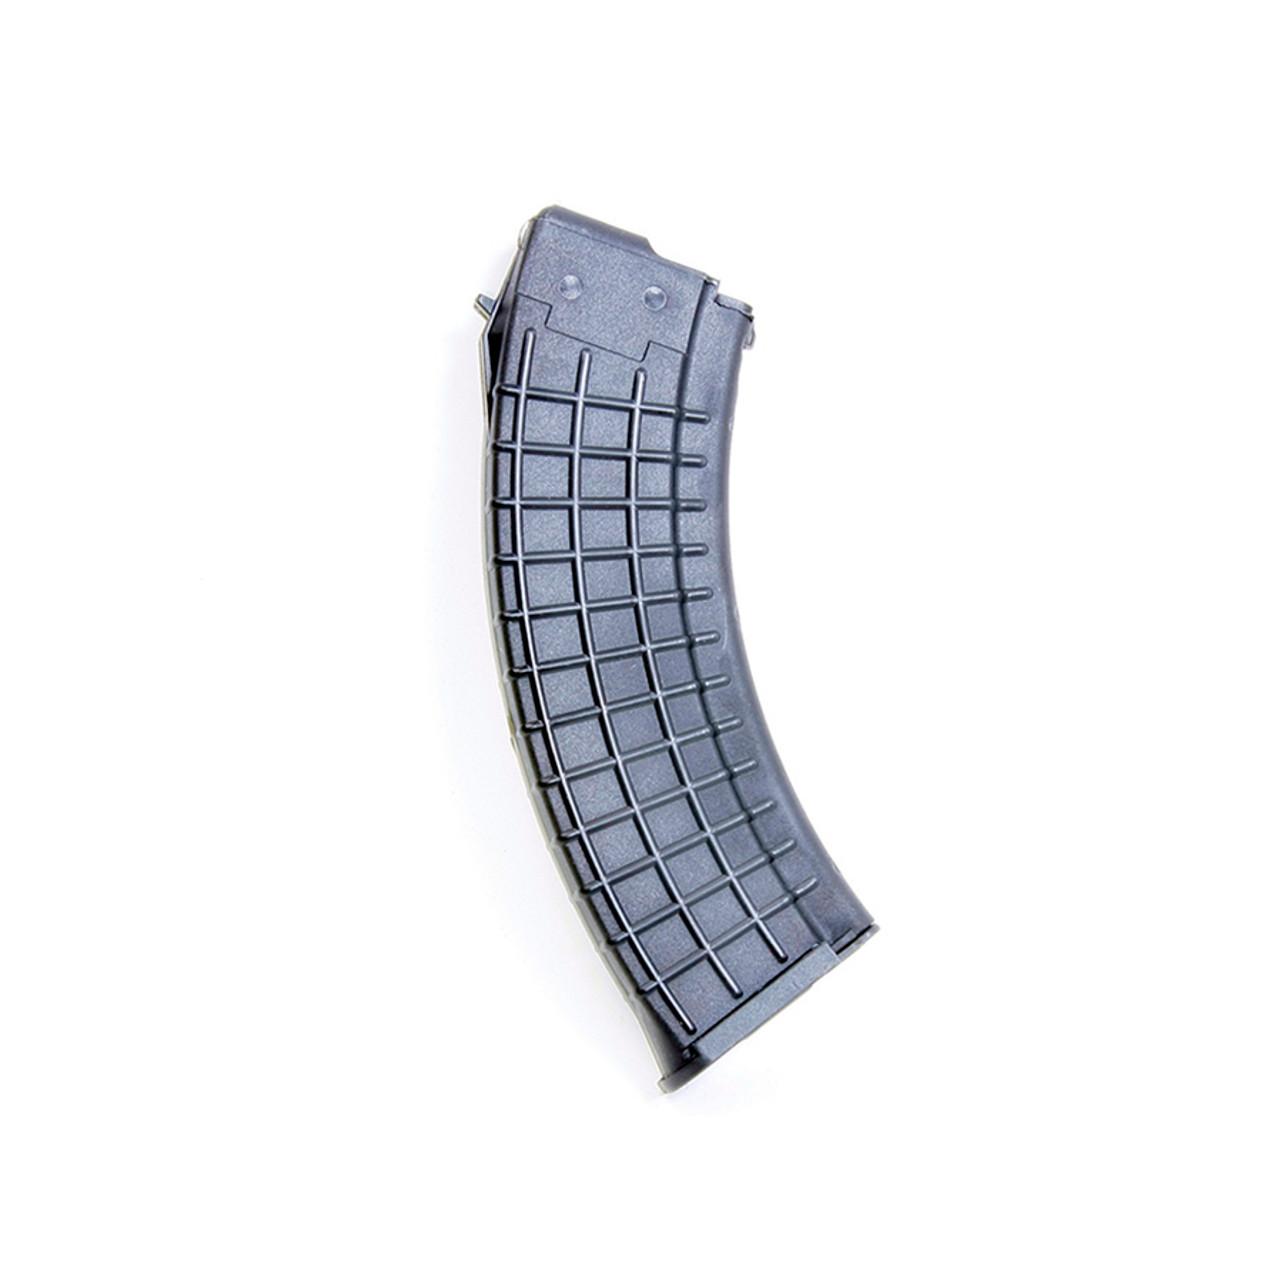 AK-47® 7.62x39mm (30) Rd - Black Polymer